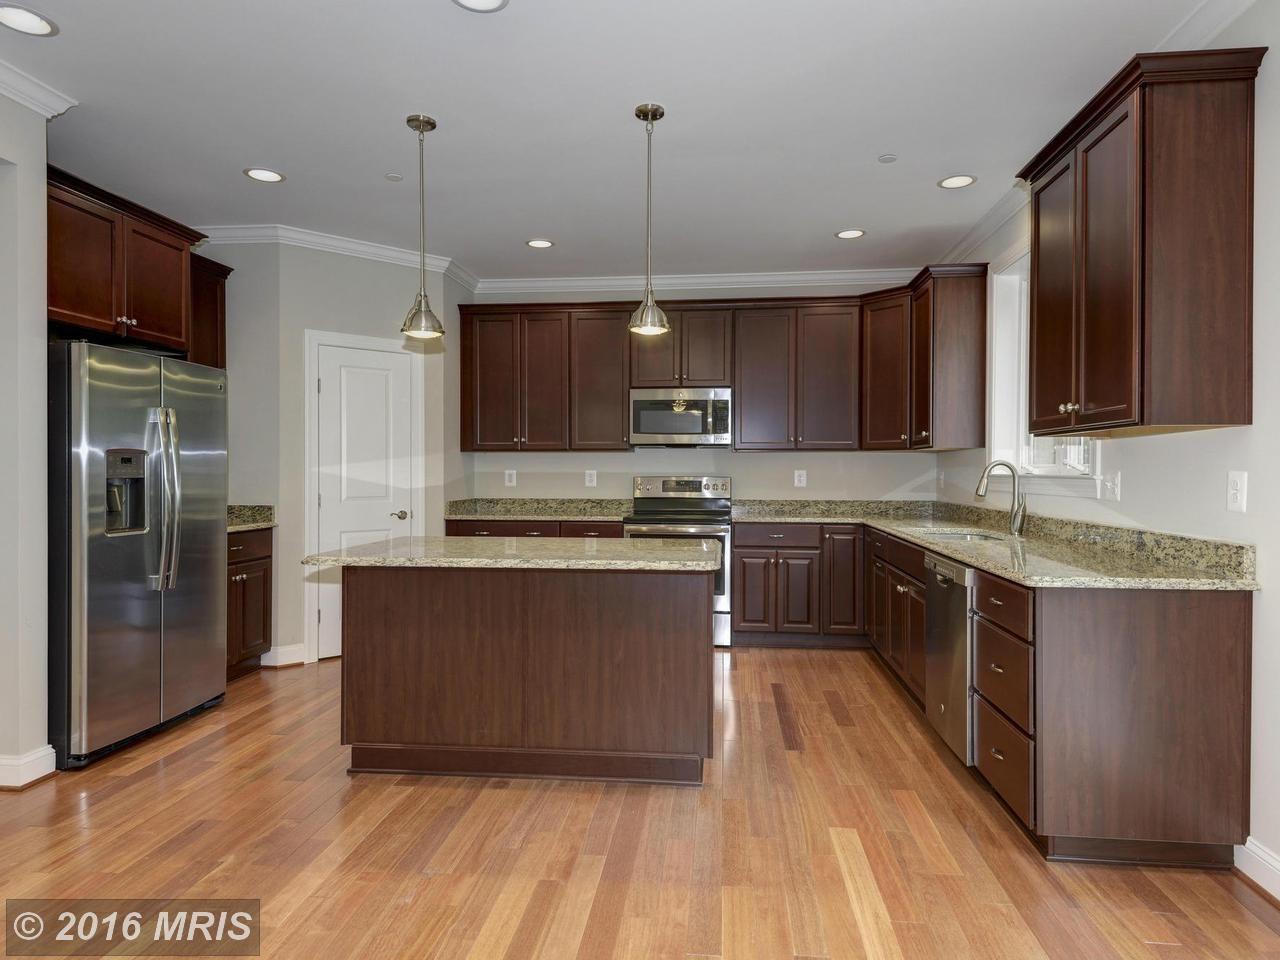 AA8751615 - Kitchen